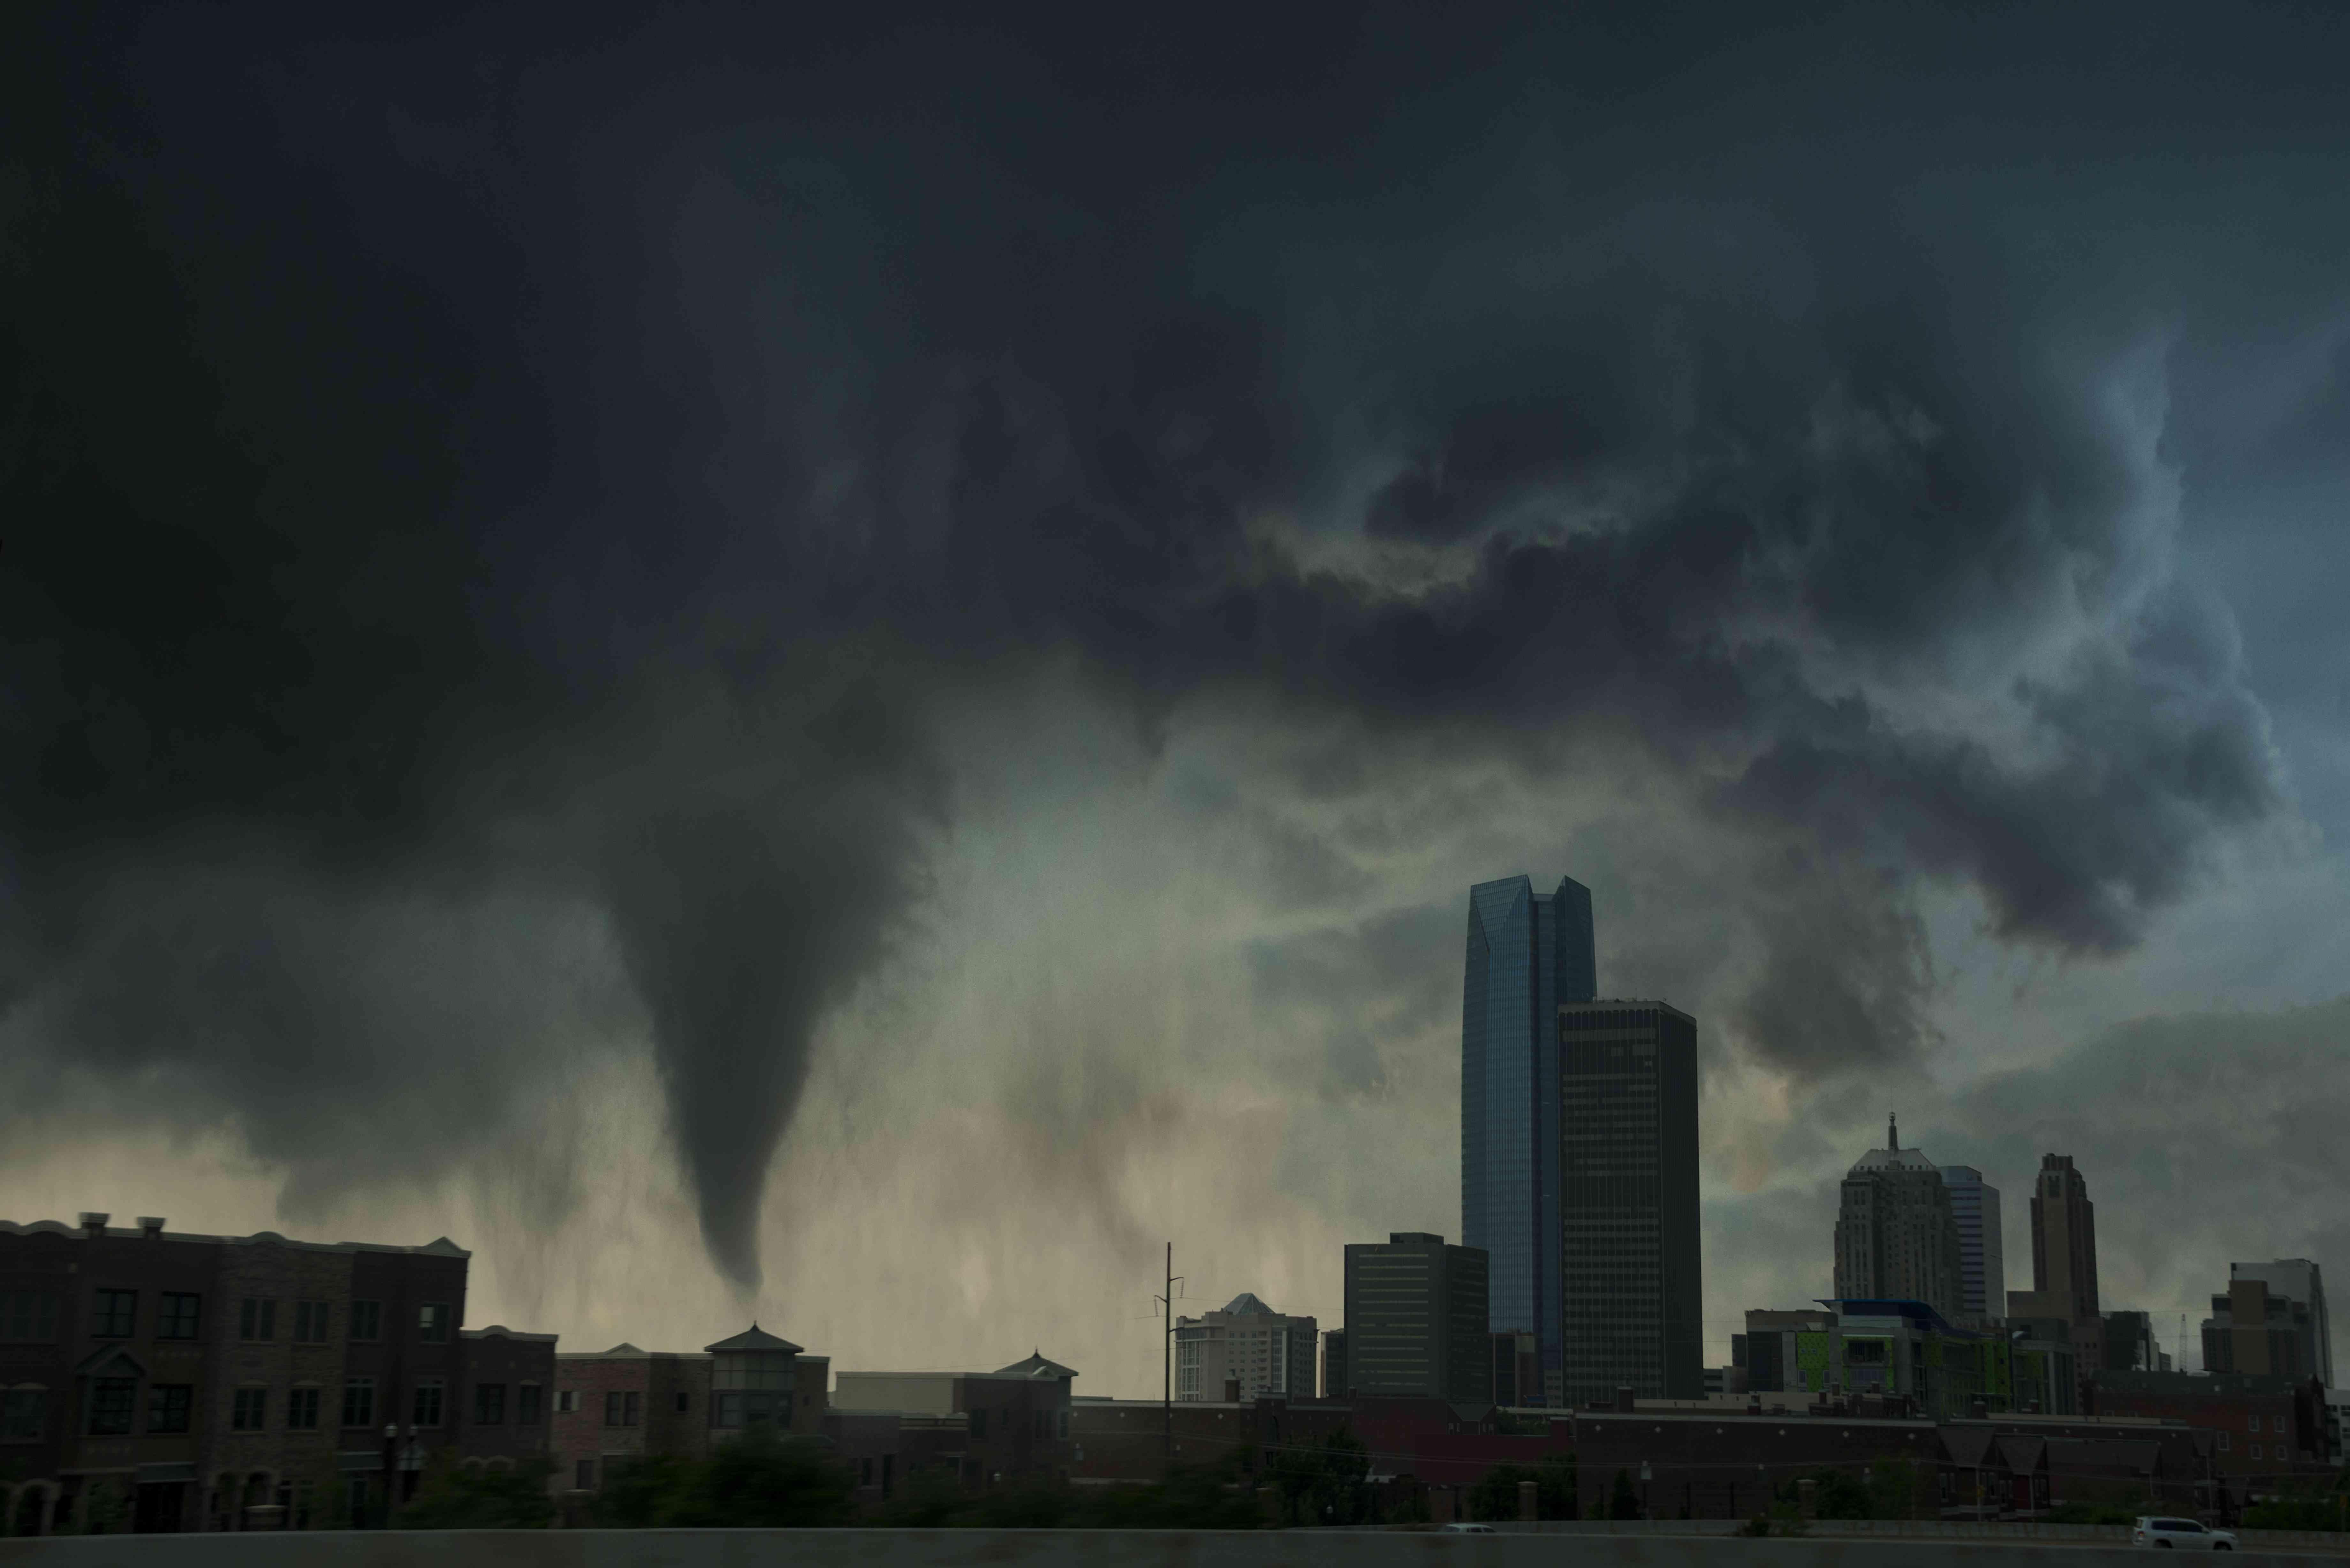 Tornado over Oklahoma city. USA.